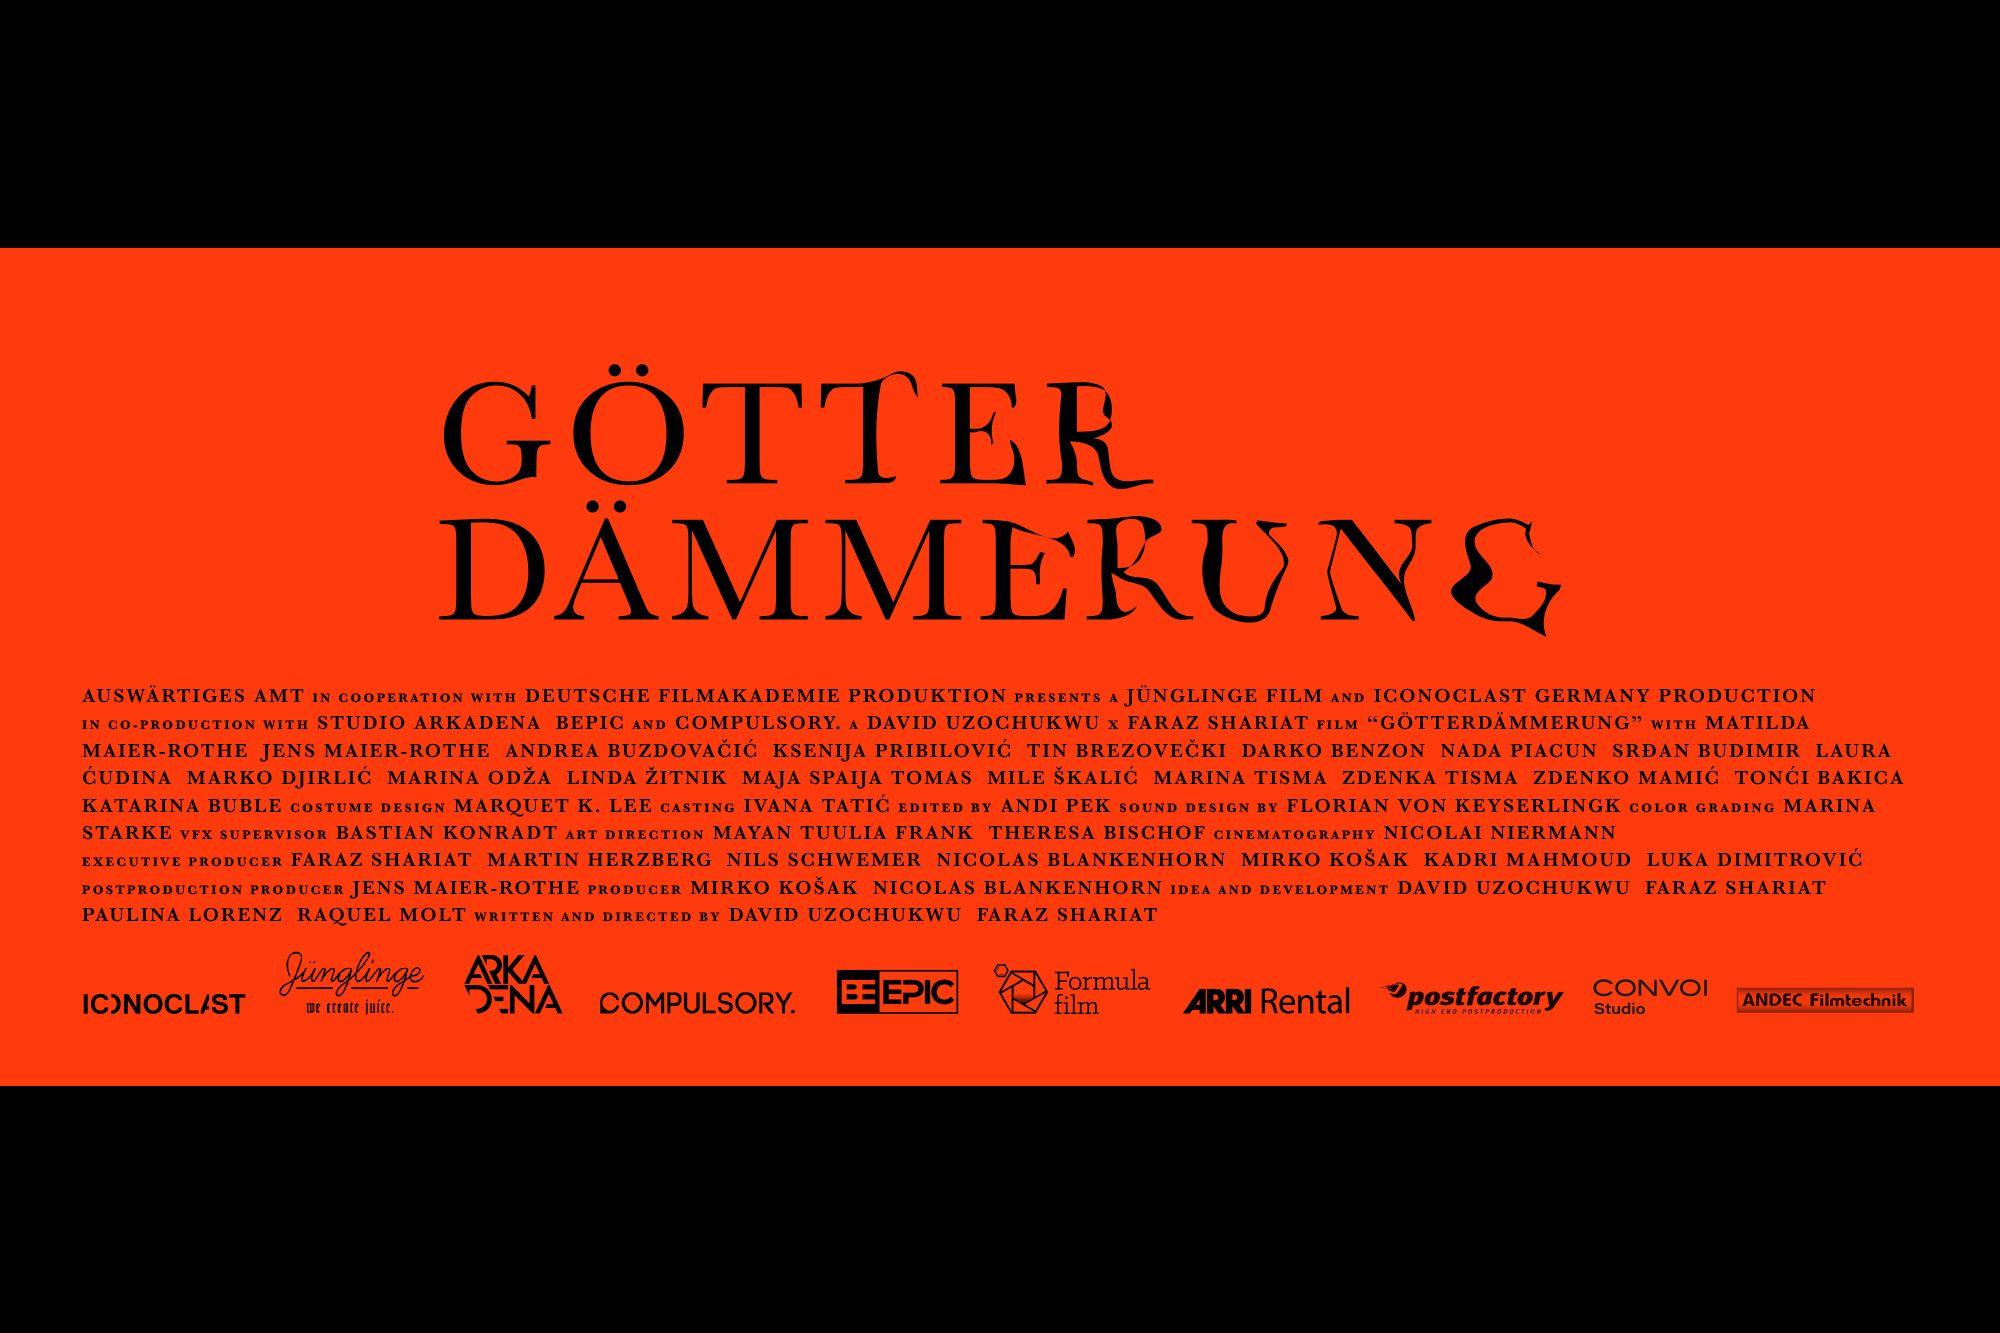 Goetterdaemmerung Trailer